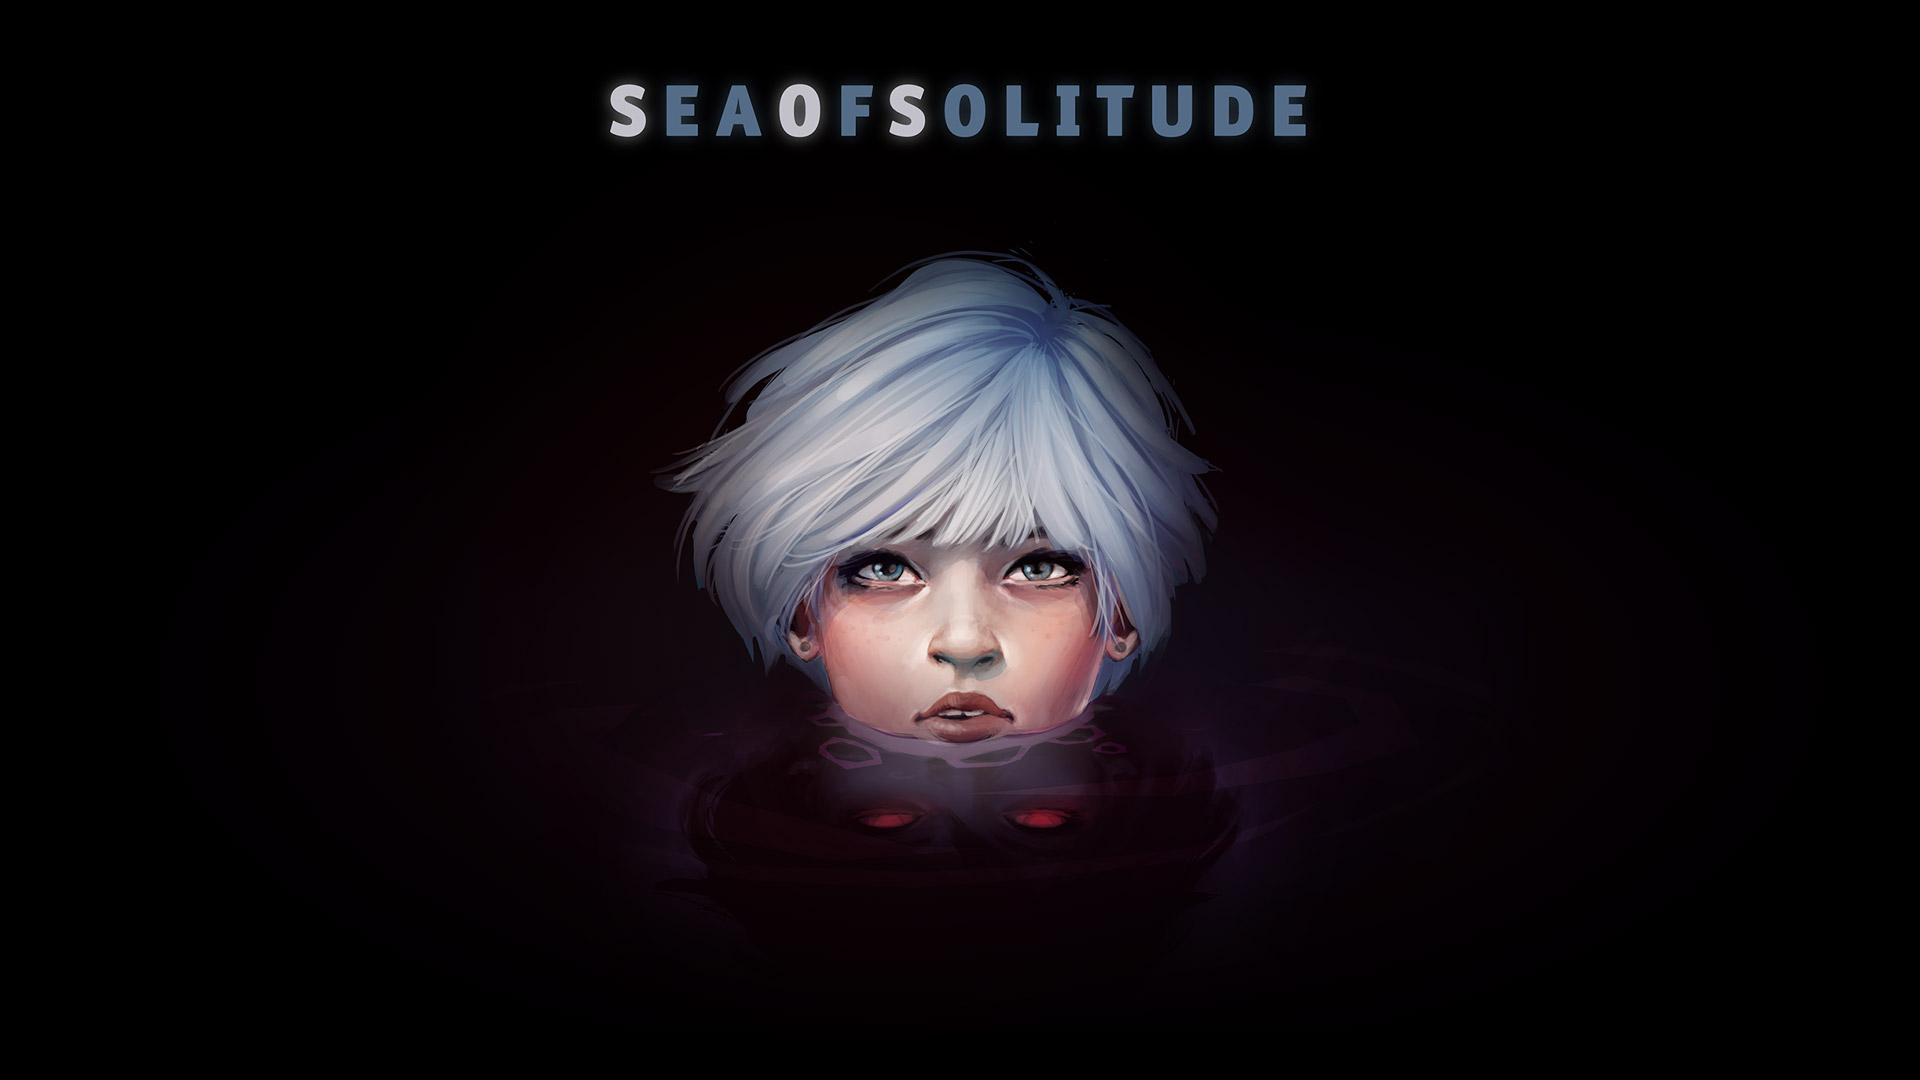 Free Sea Of Solitude Wallpaper in 1920x1080